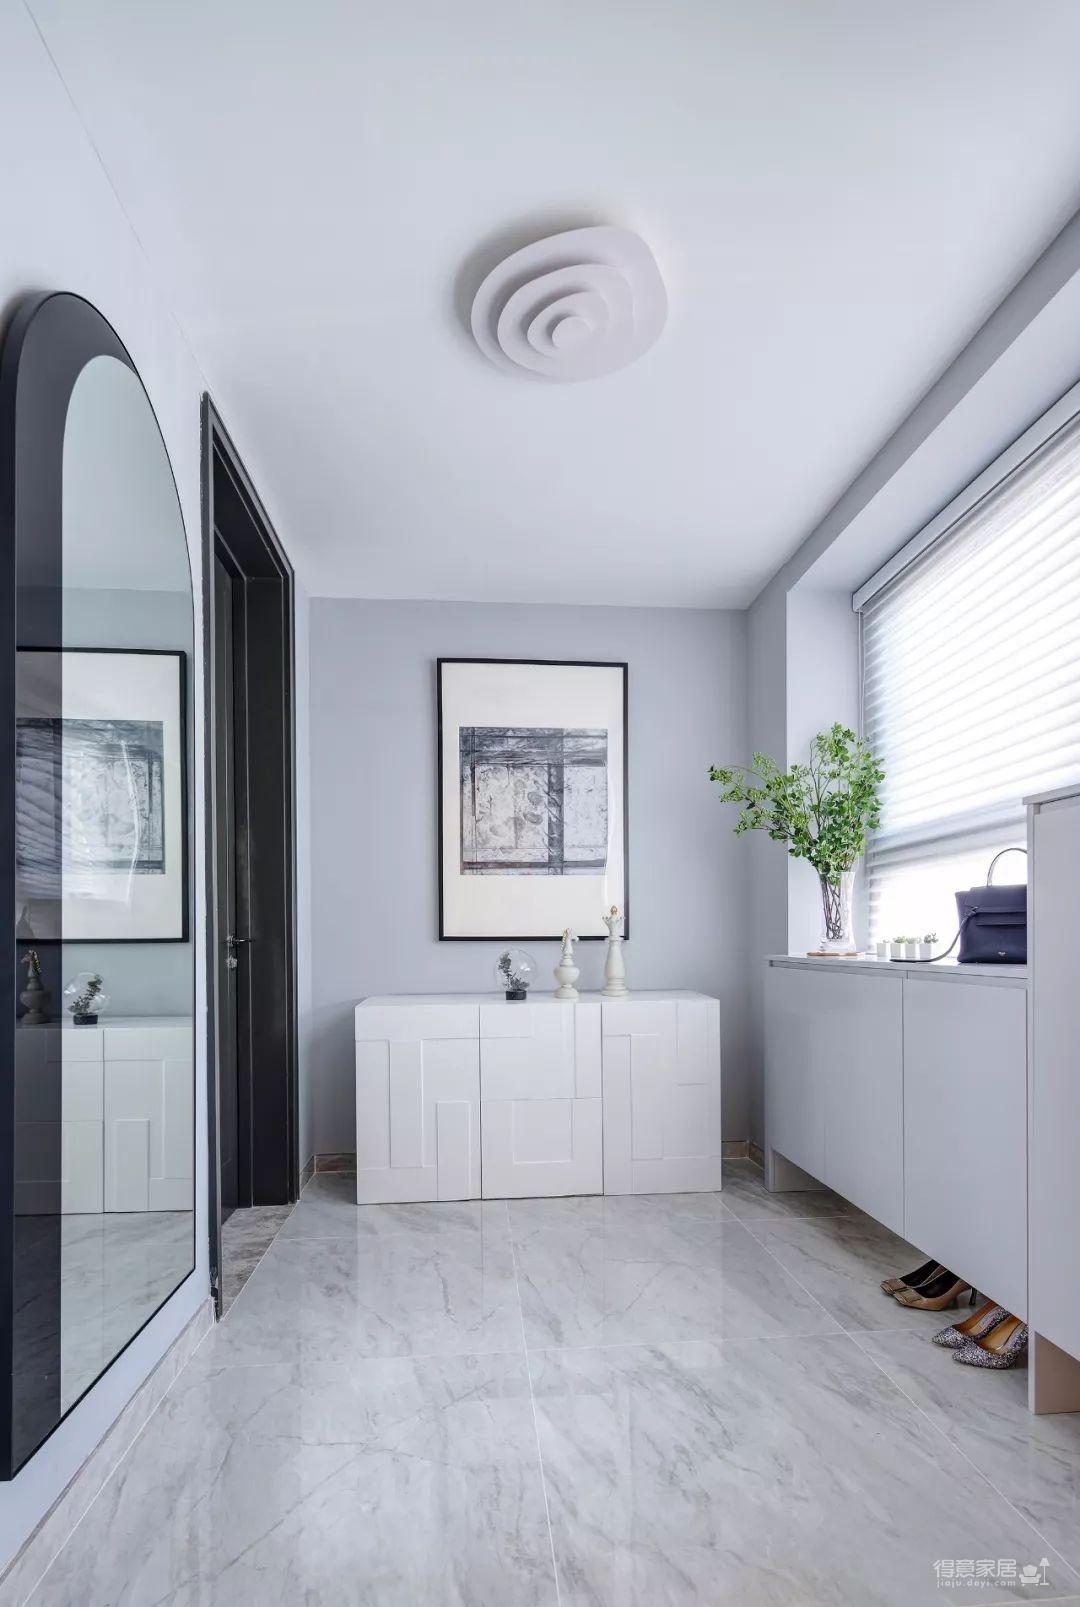 148㎡现代简约,90后女神的精装房,改成简洁舒适的家!图_6